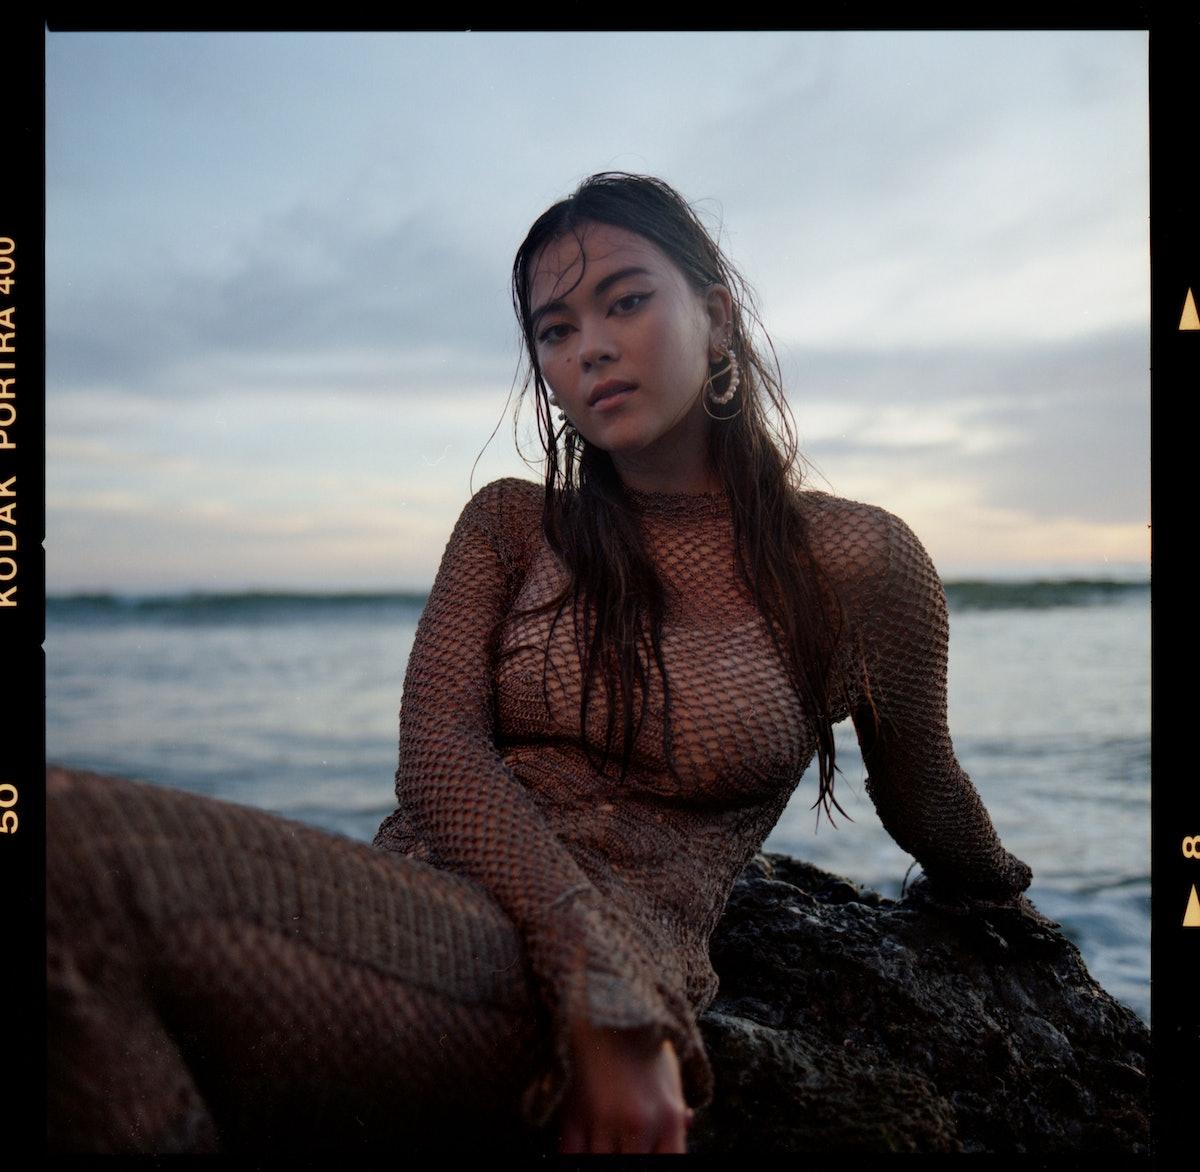 Lukita Maxwell posing on the beach